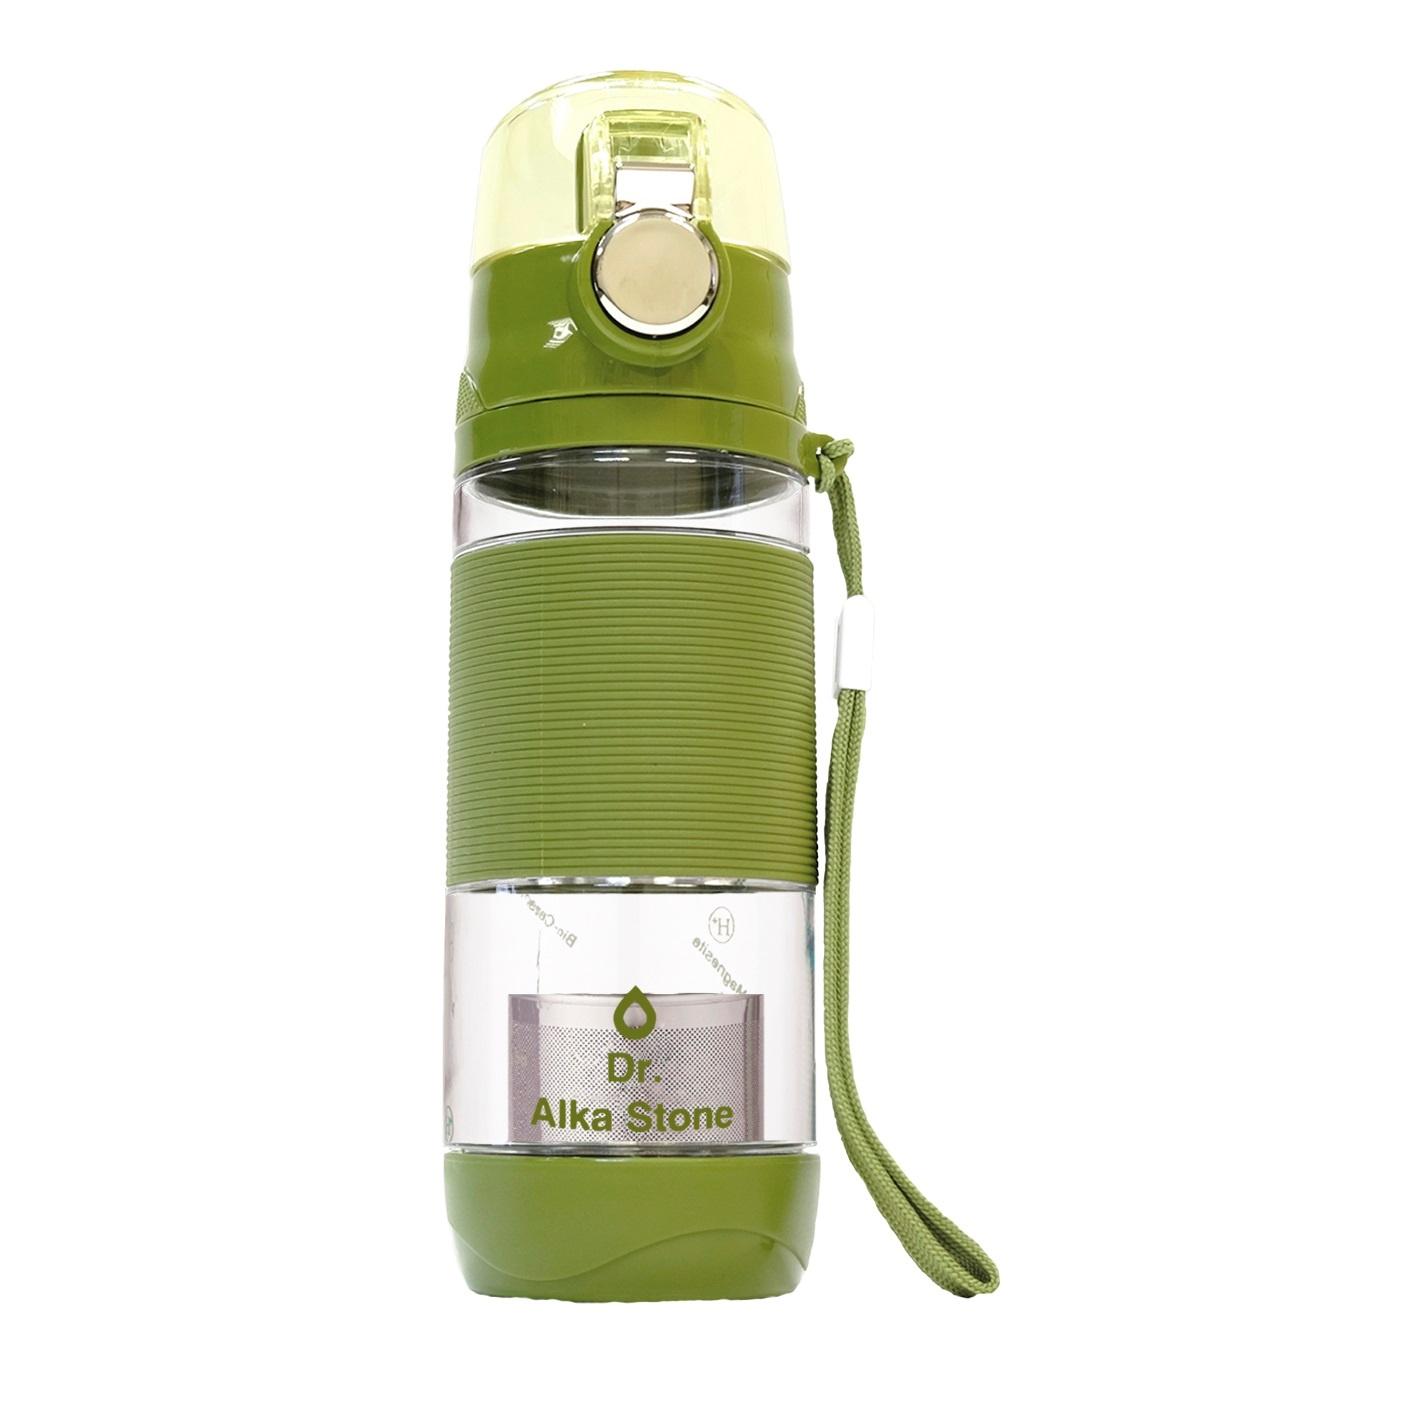 Средство для смягчения воды Dr.Alkastone Колба Аква обогатитель 450 мл, зеленый, 320